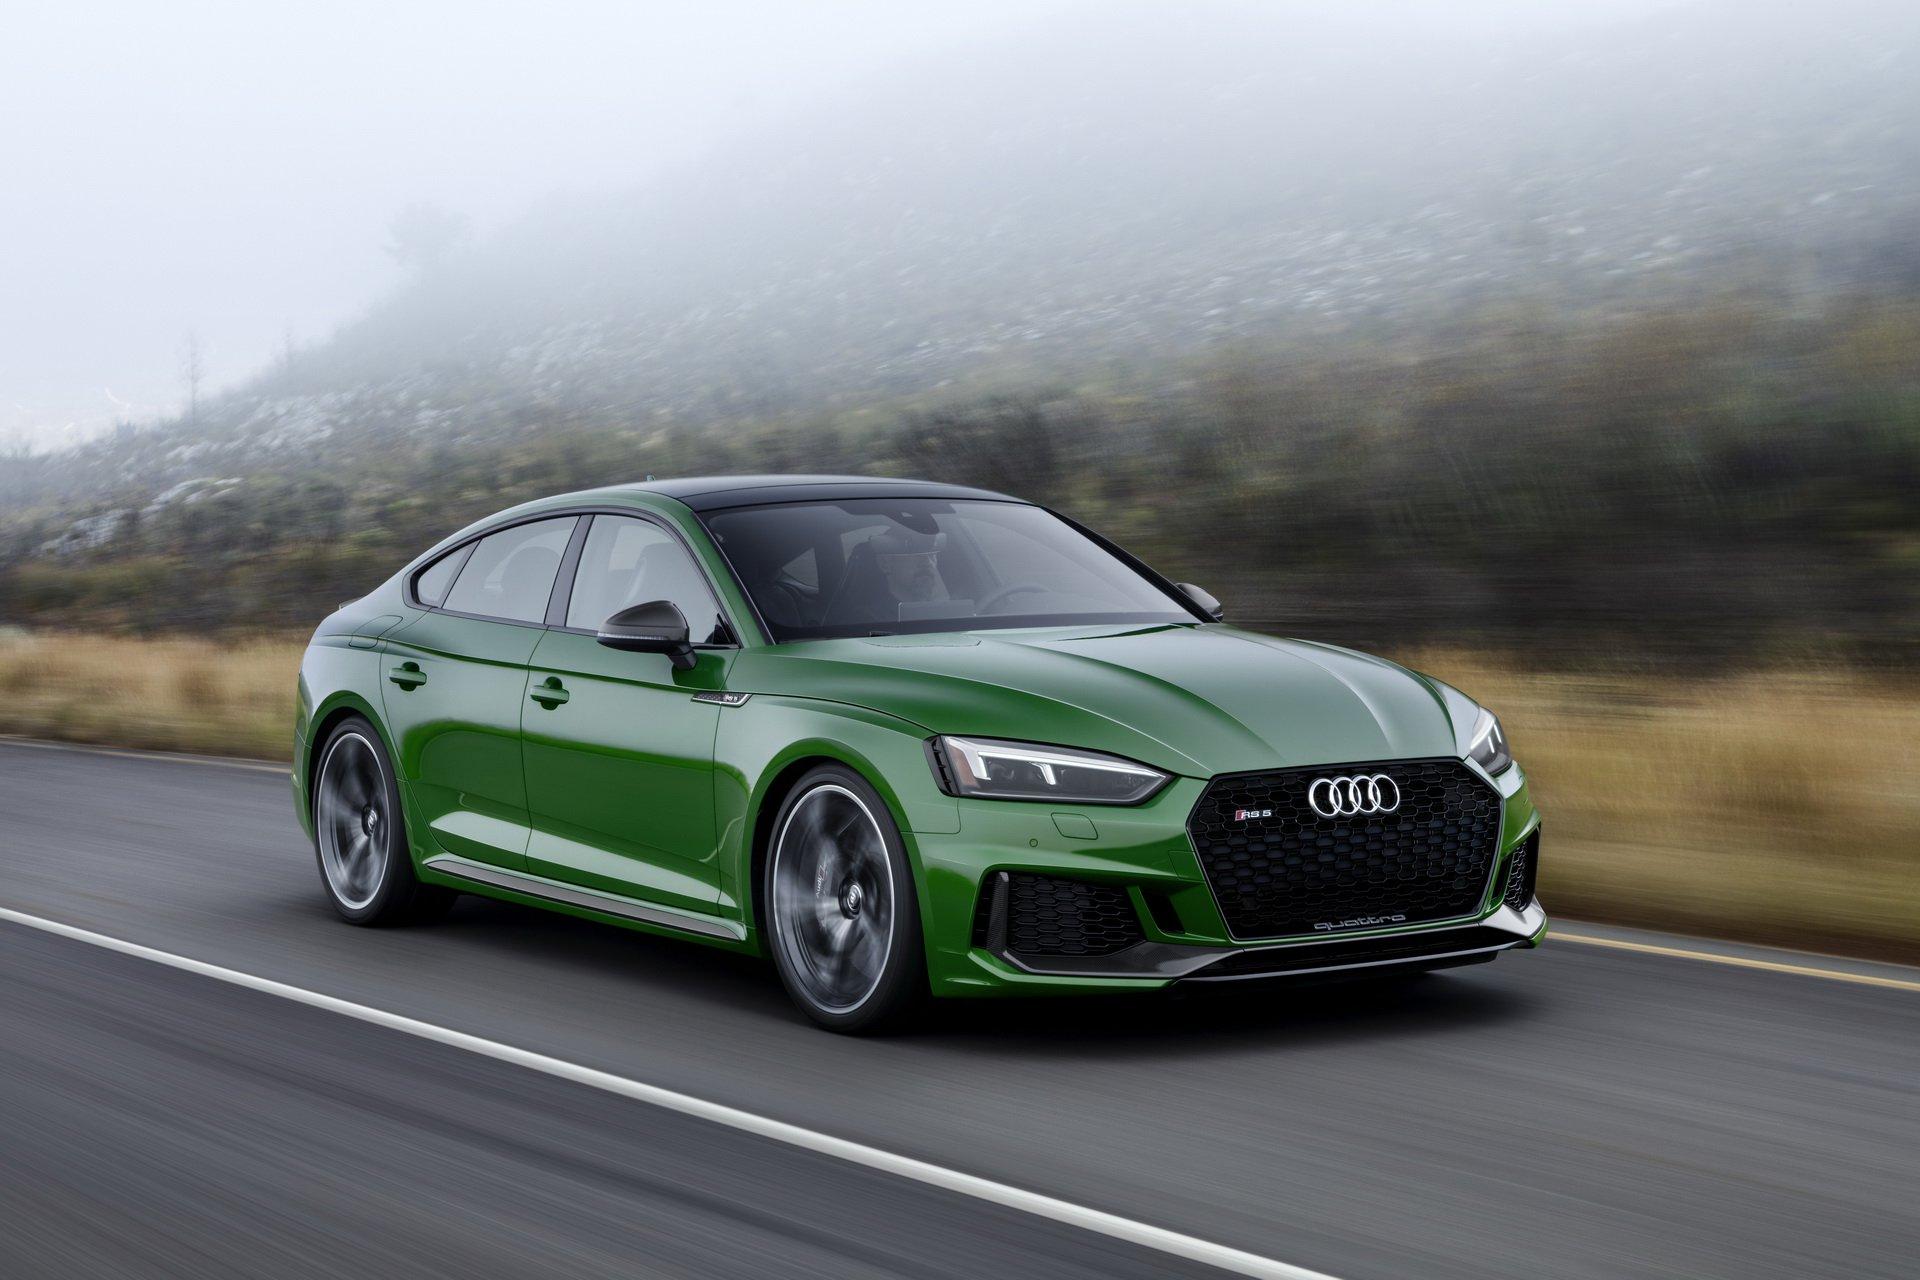 """Започна продажбата на """"зелениот ѕвер"""" на Audi"""